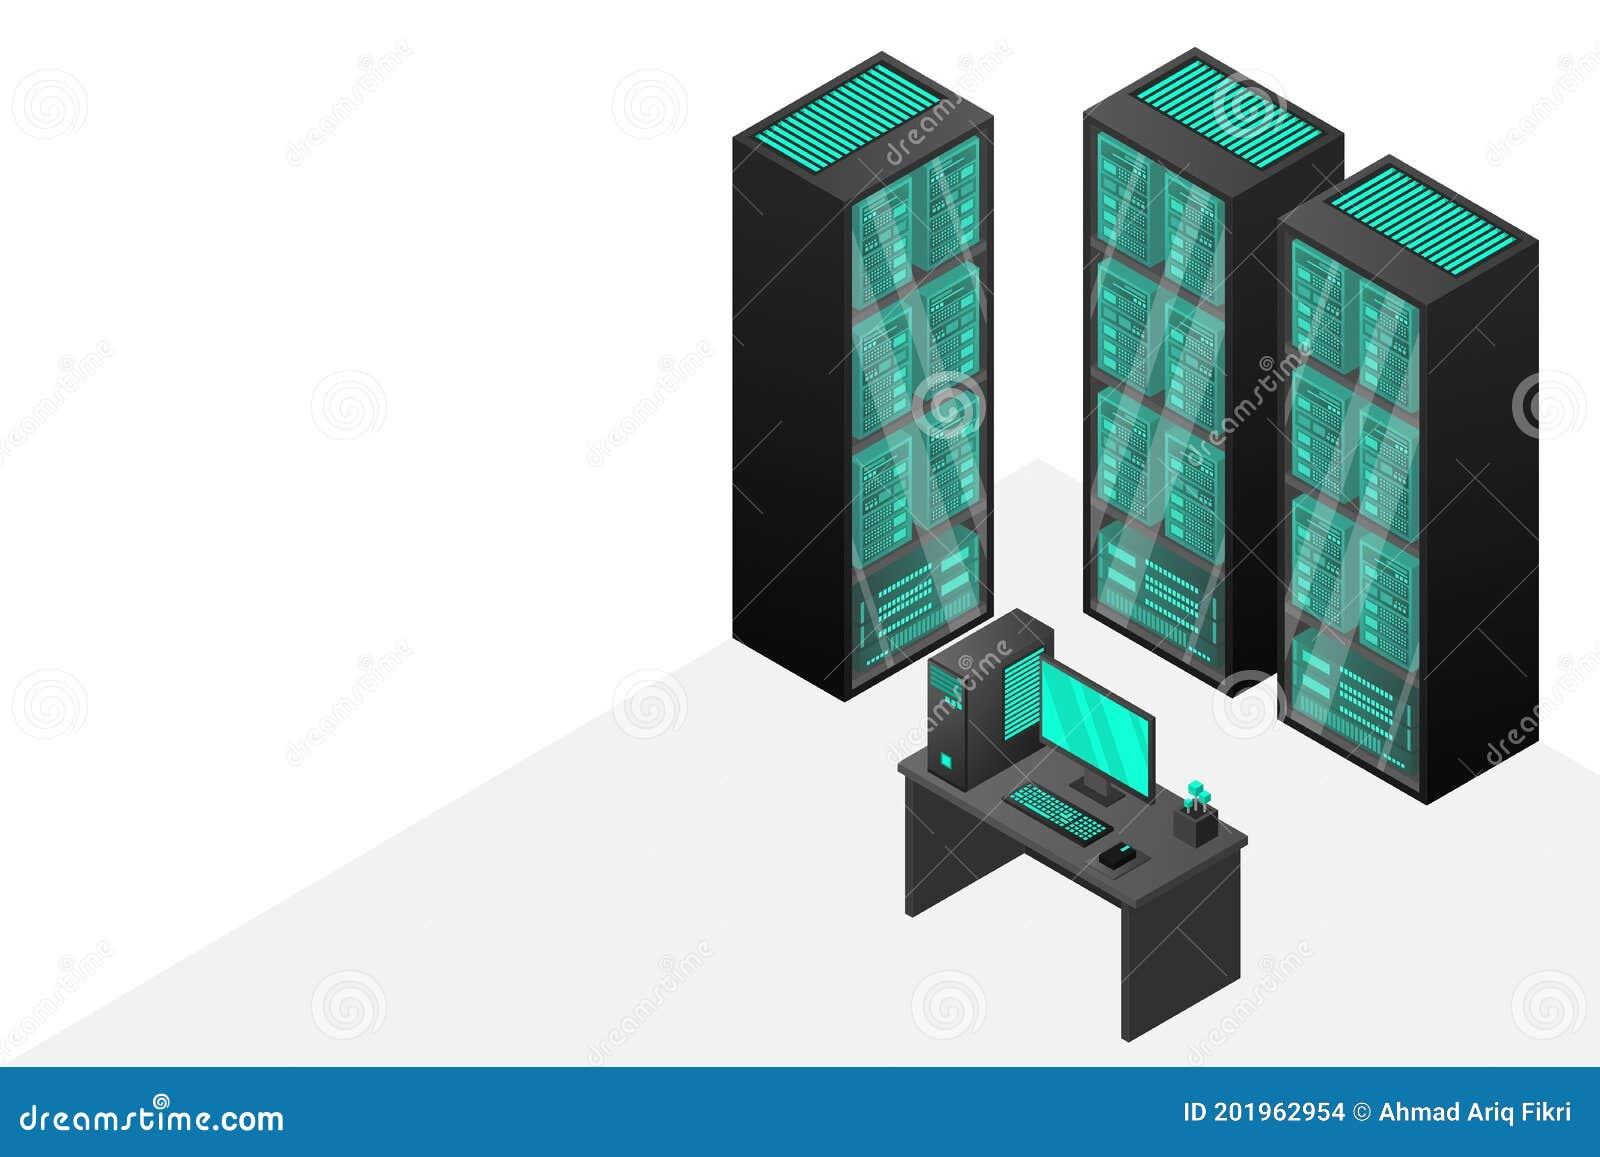 vps сервер на 30 дней тест